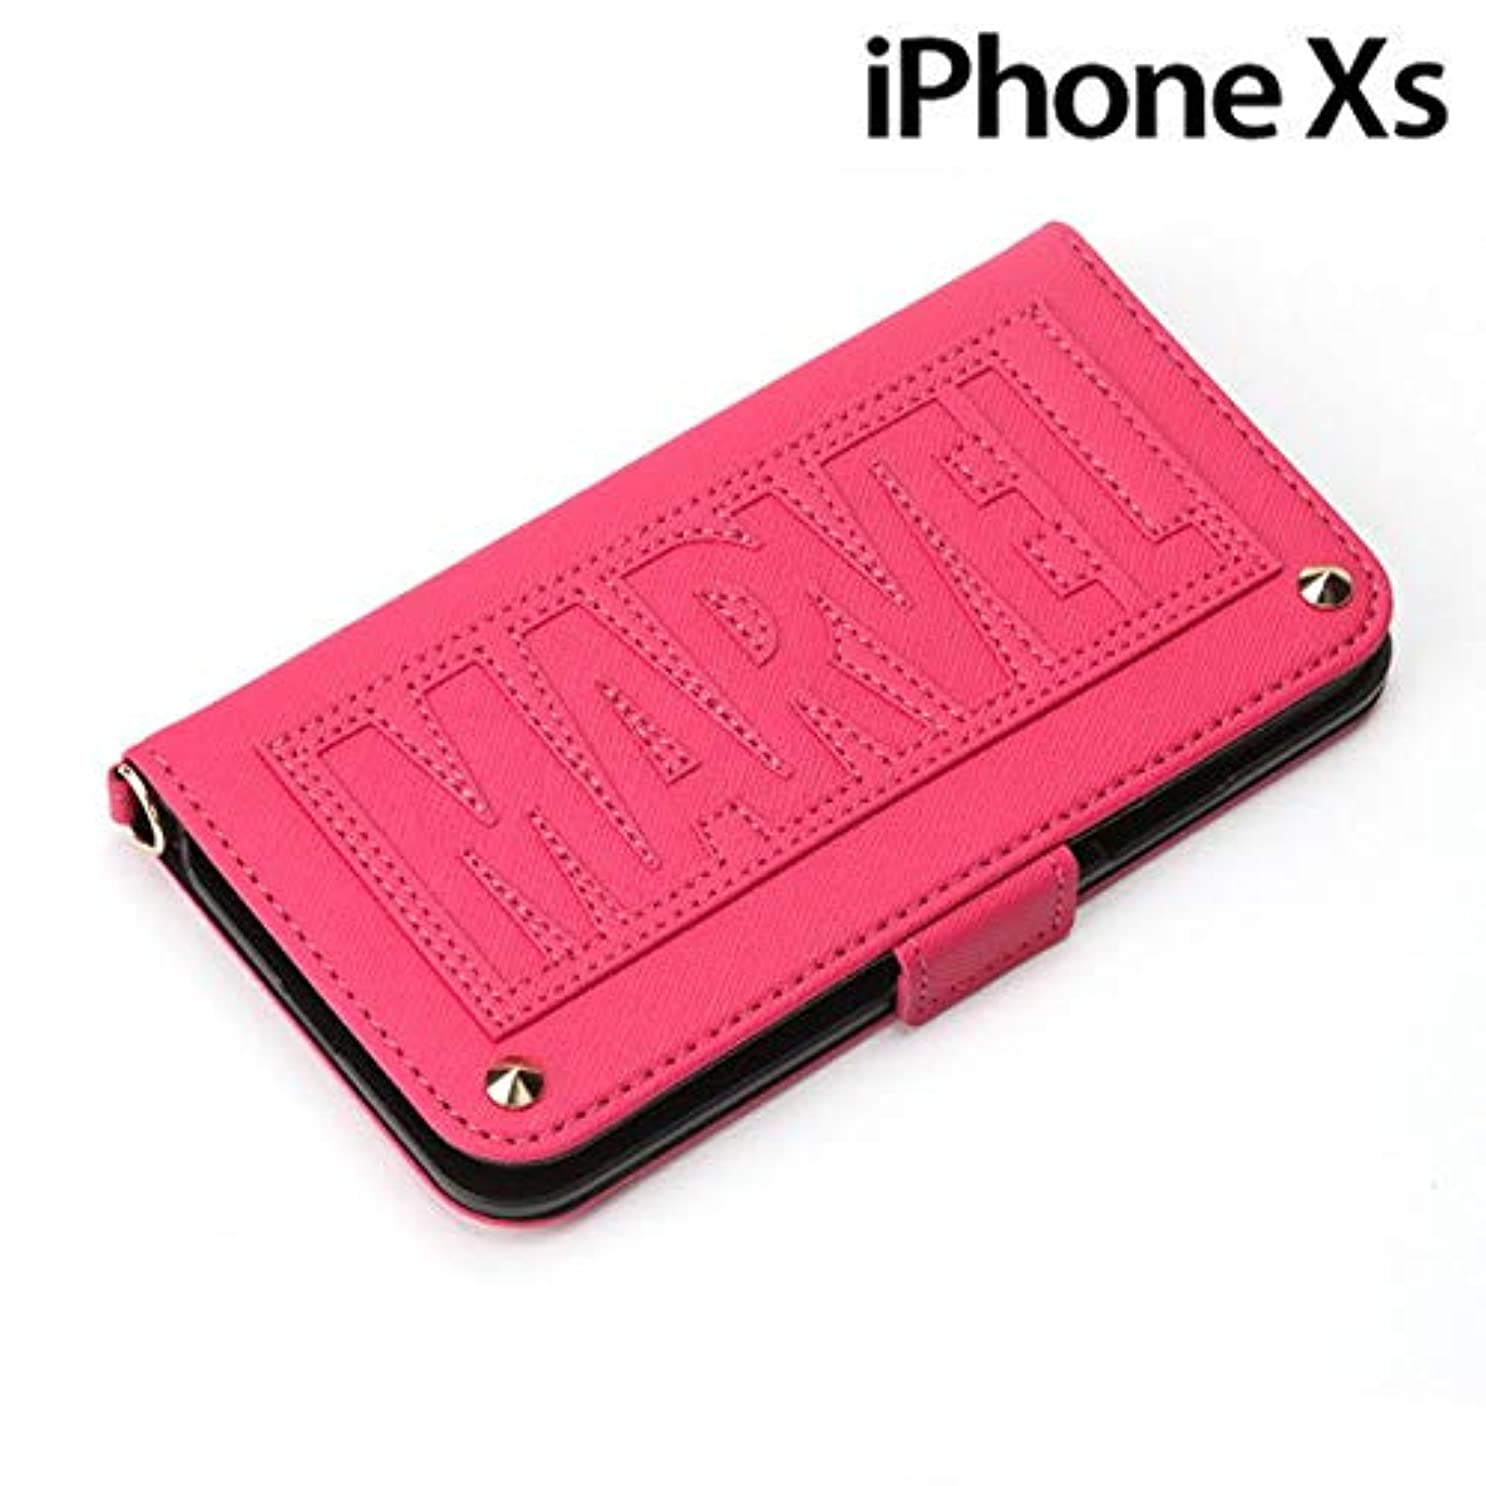 寸法デコラティブタヒチPGA iPhone XS/X用 手帳型ケース MARVEL ロゴ(ピンク) PG-DFP565MVL